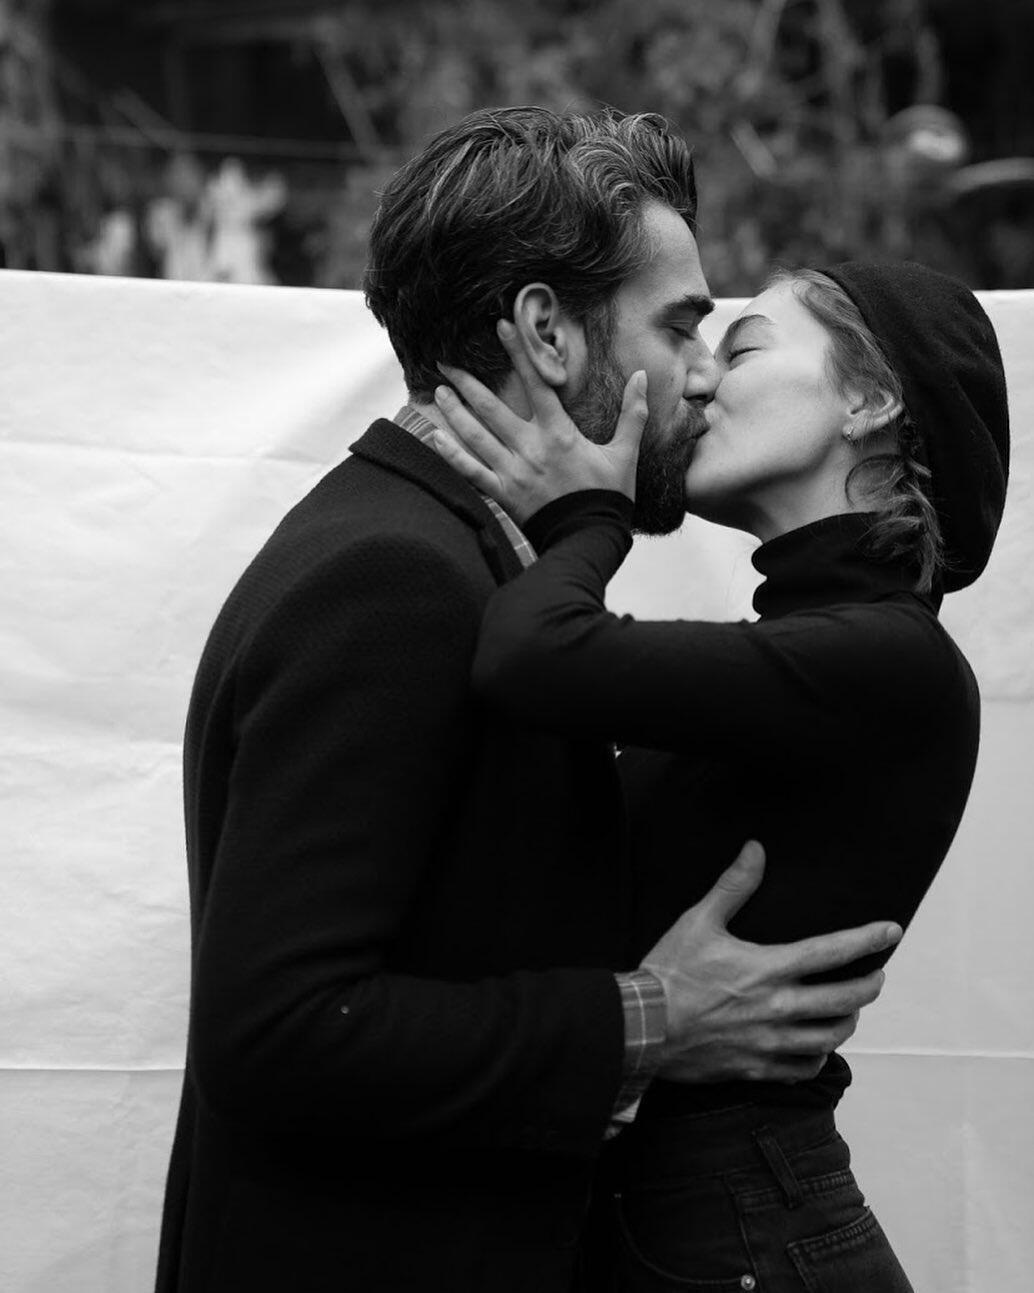 Yayılacaksa 'aşk' yayılsın diyerek öpüştüler.